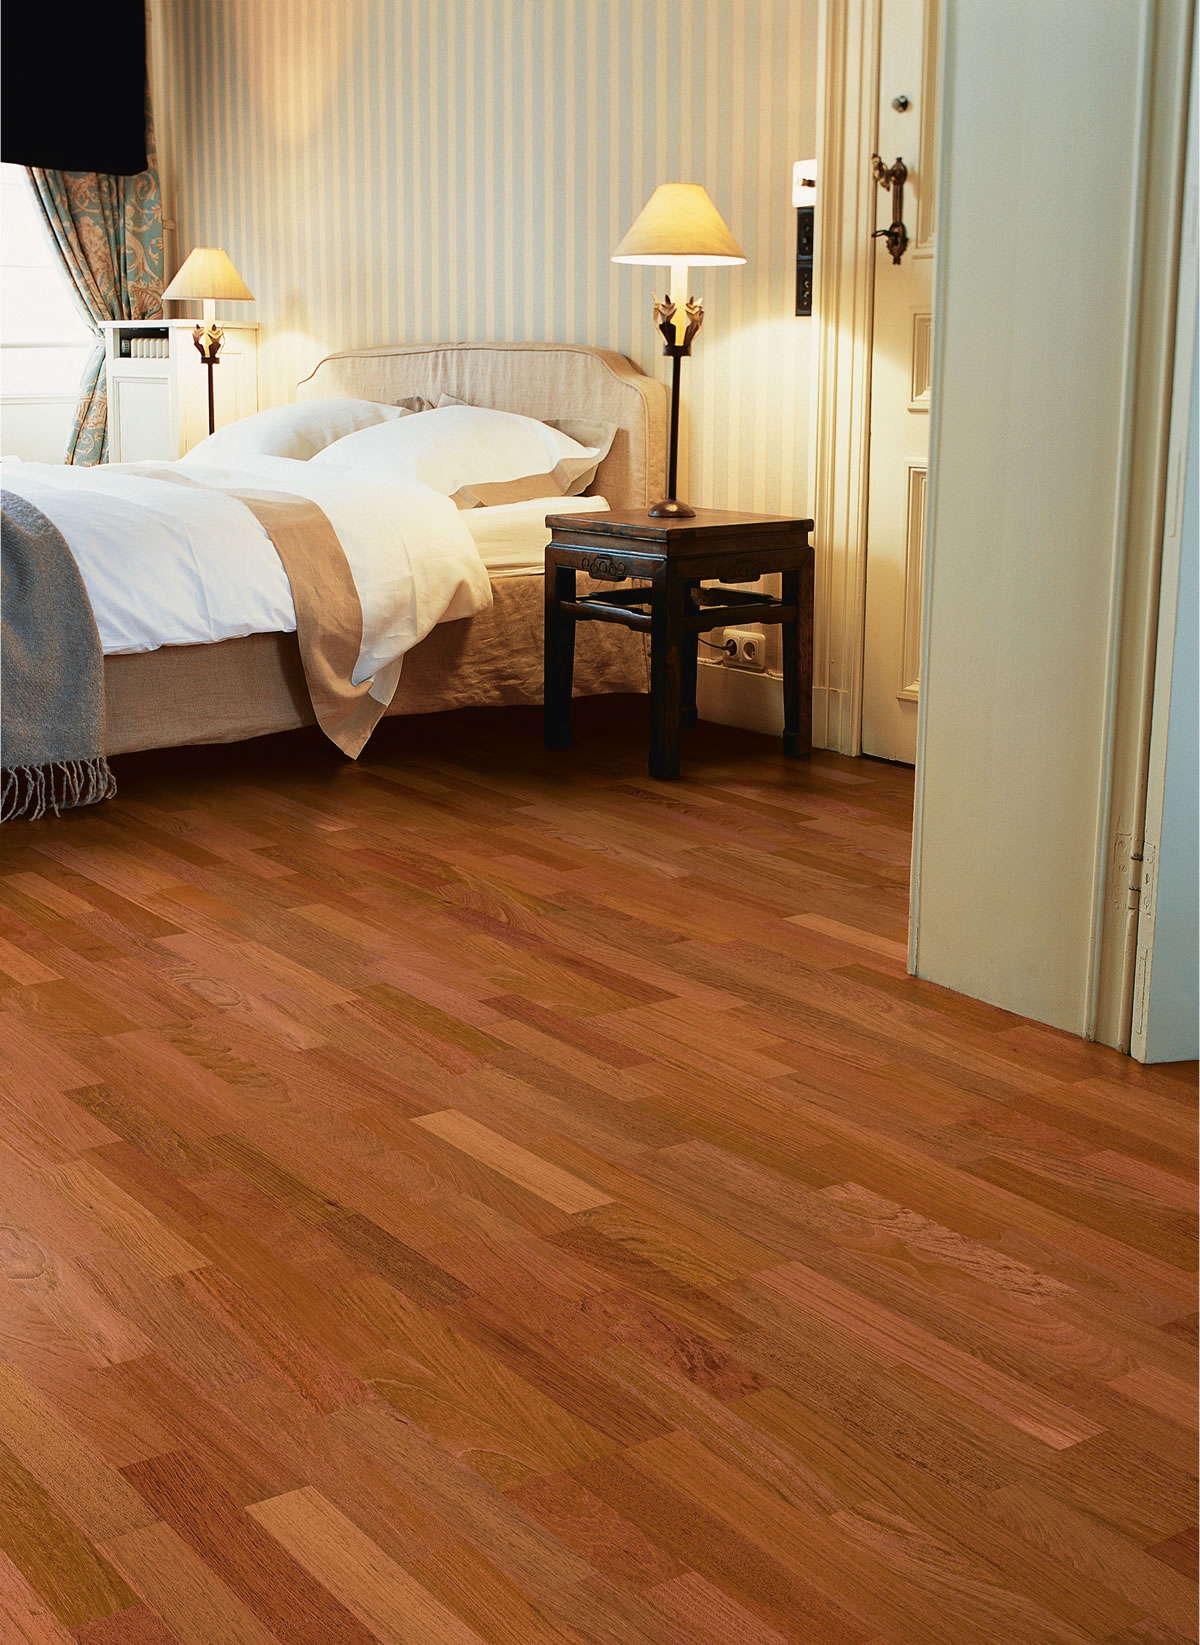 Quickstep villa jatoba satin vil1367s engineered wood flooring for Quickstep flooring